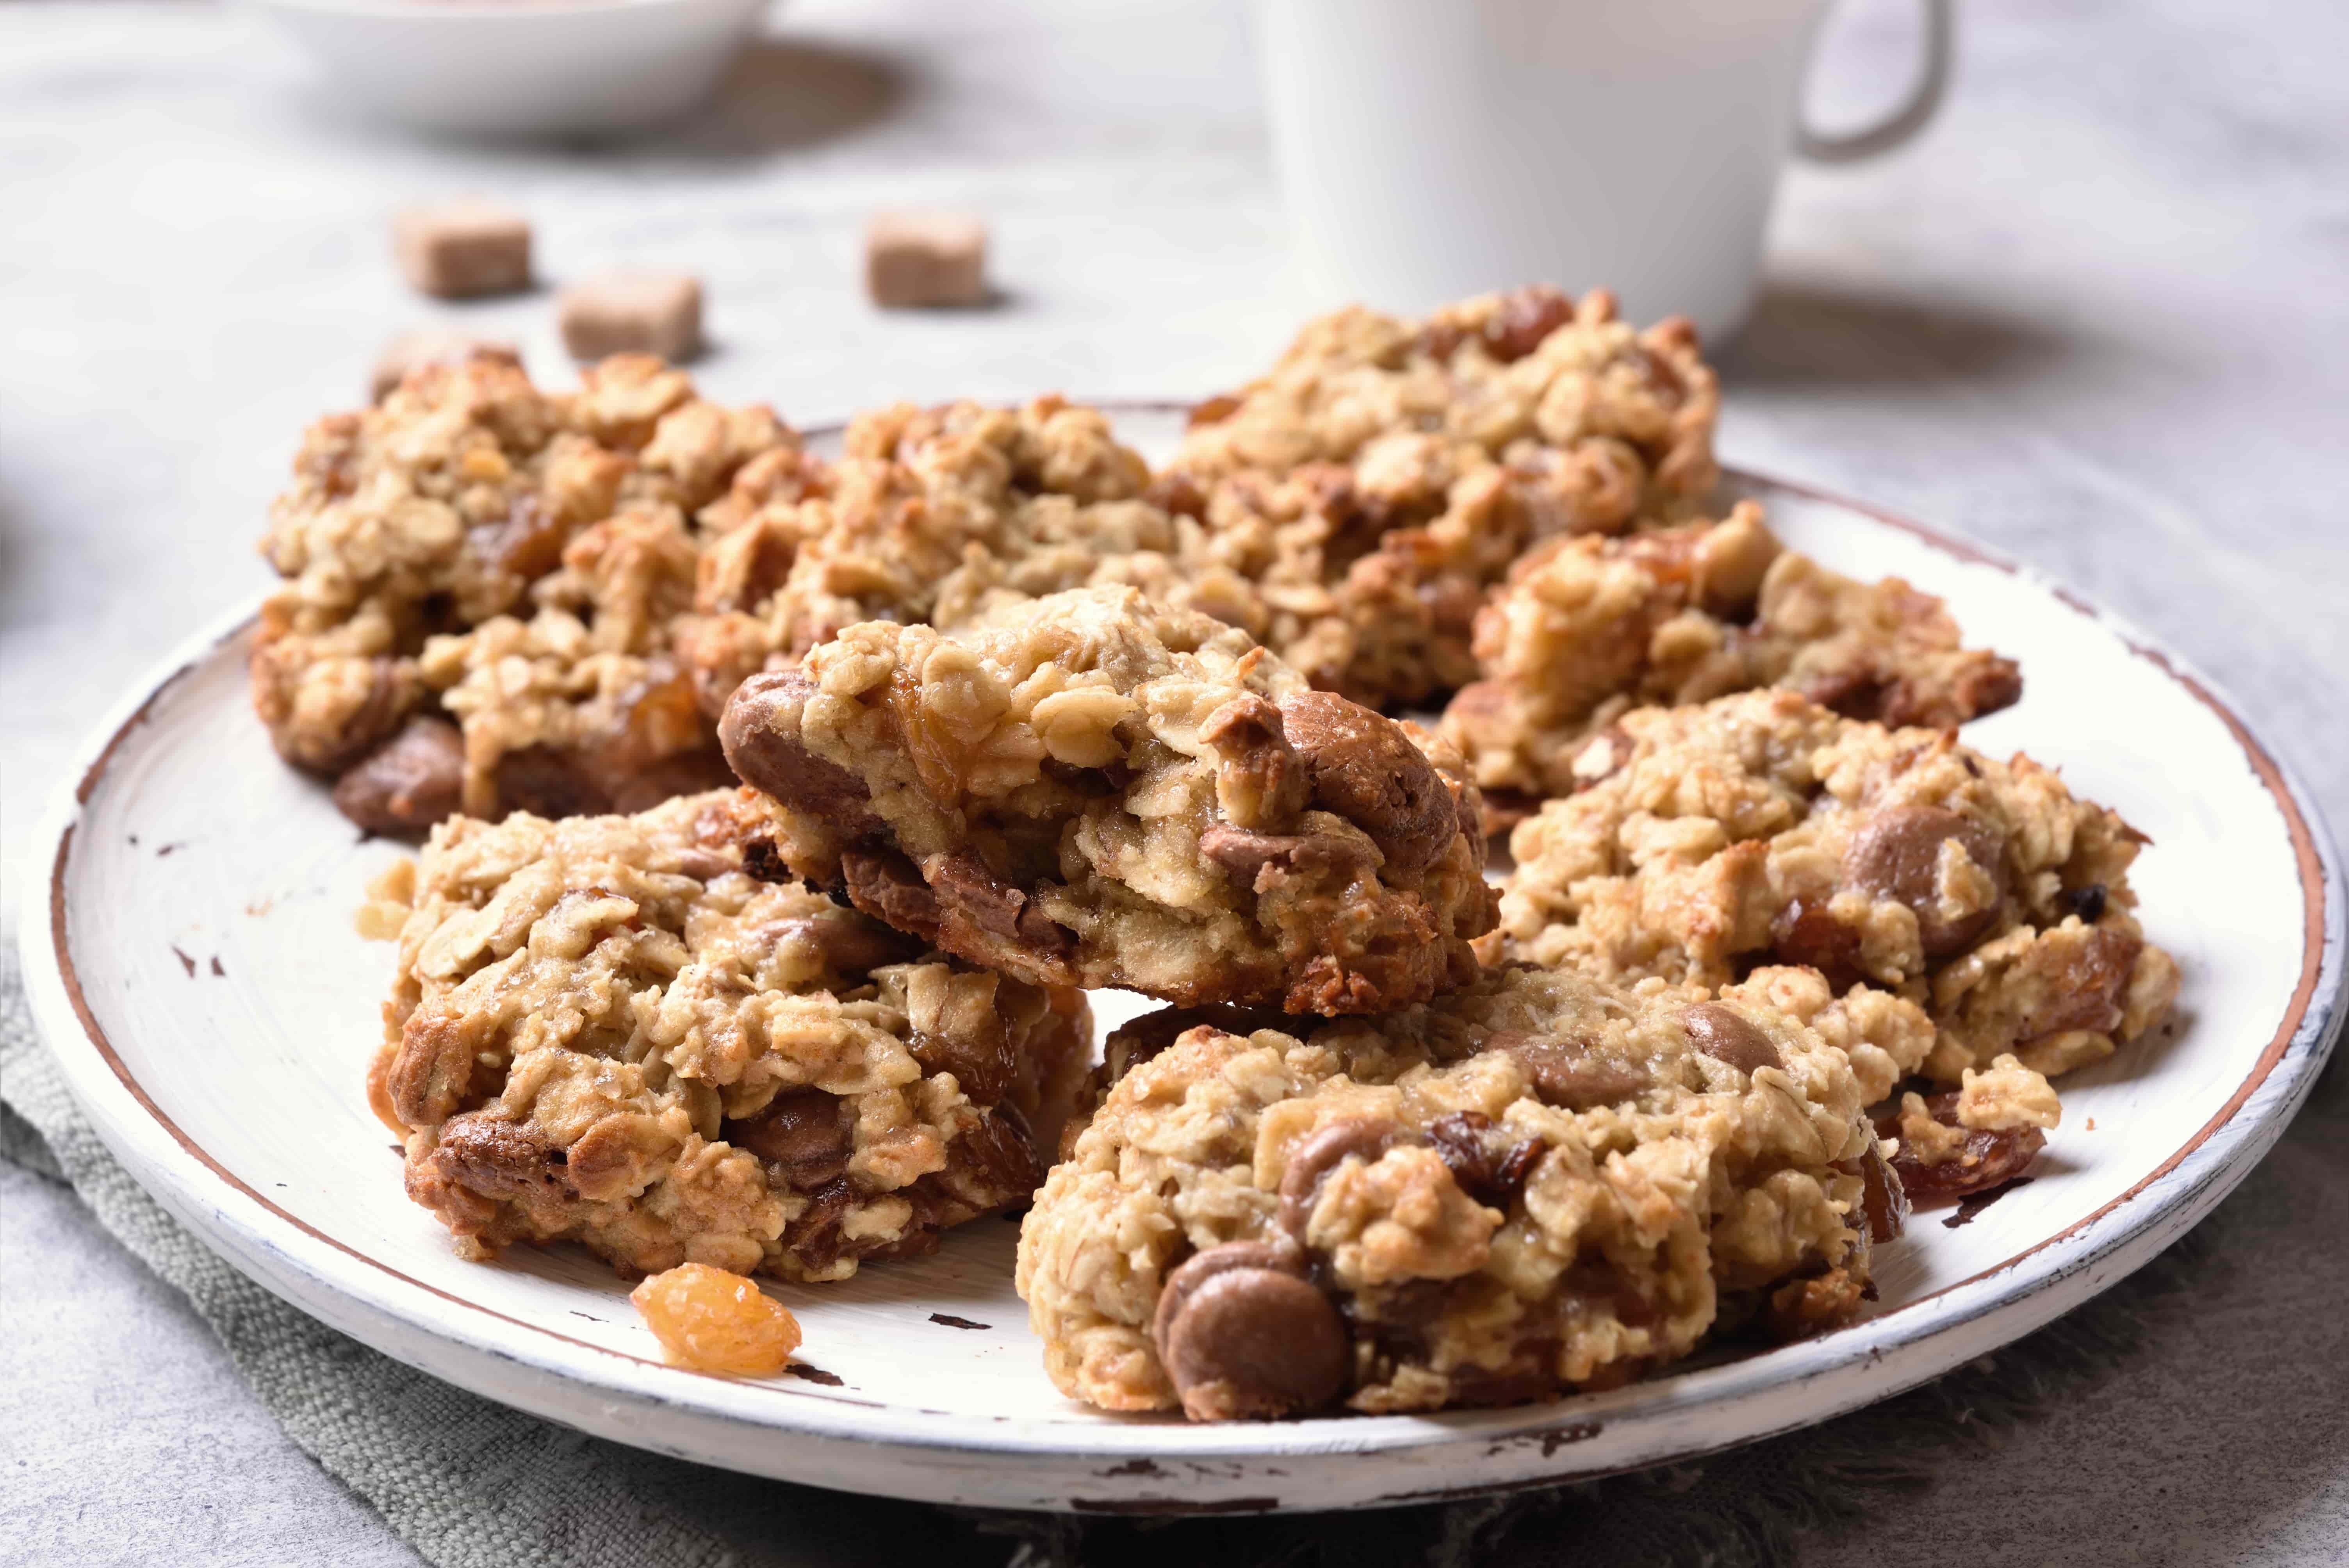 ПП рецепты для овсяного печенья в домашних условиях. Приготовление печенек из овсянки для правильного питания